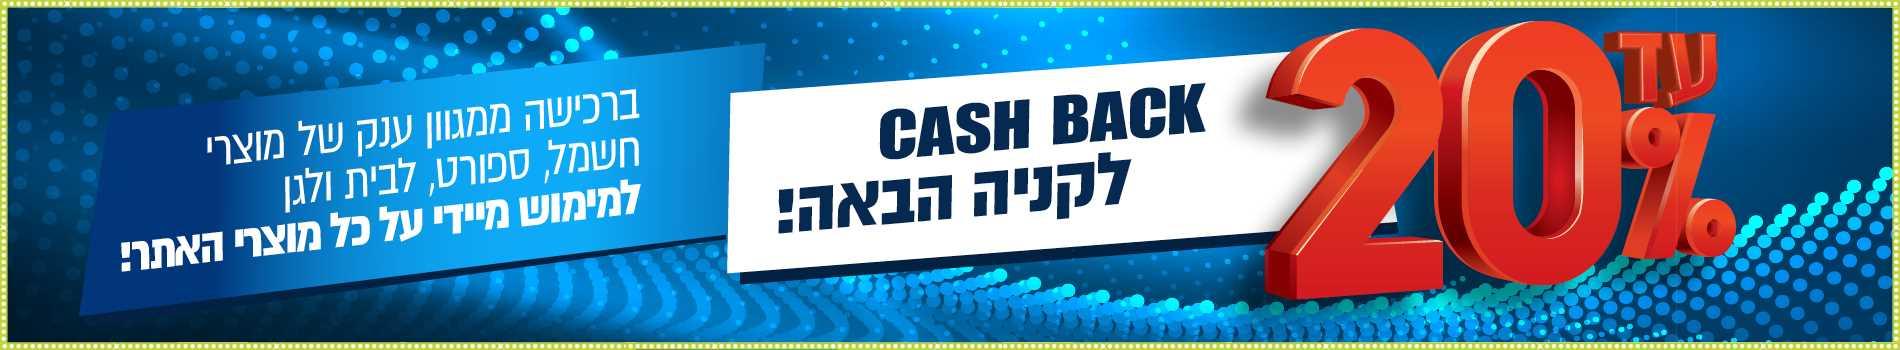 10% Cash Back לקנייה הבאה